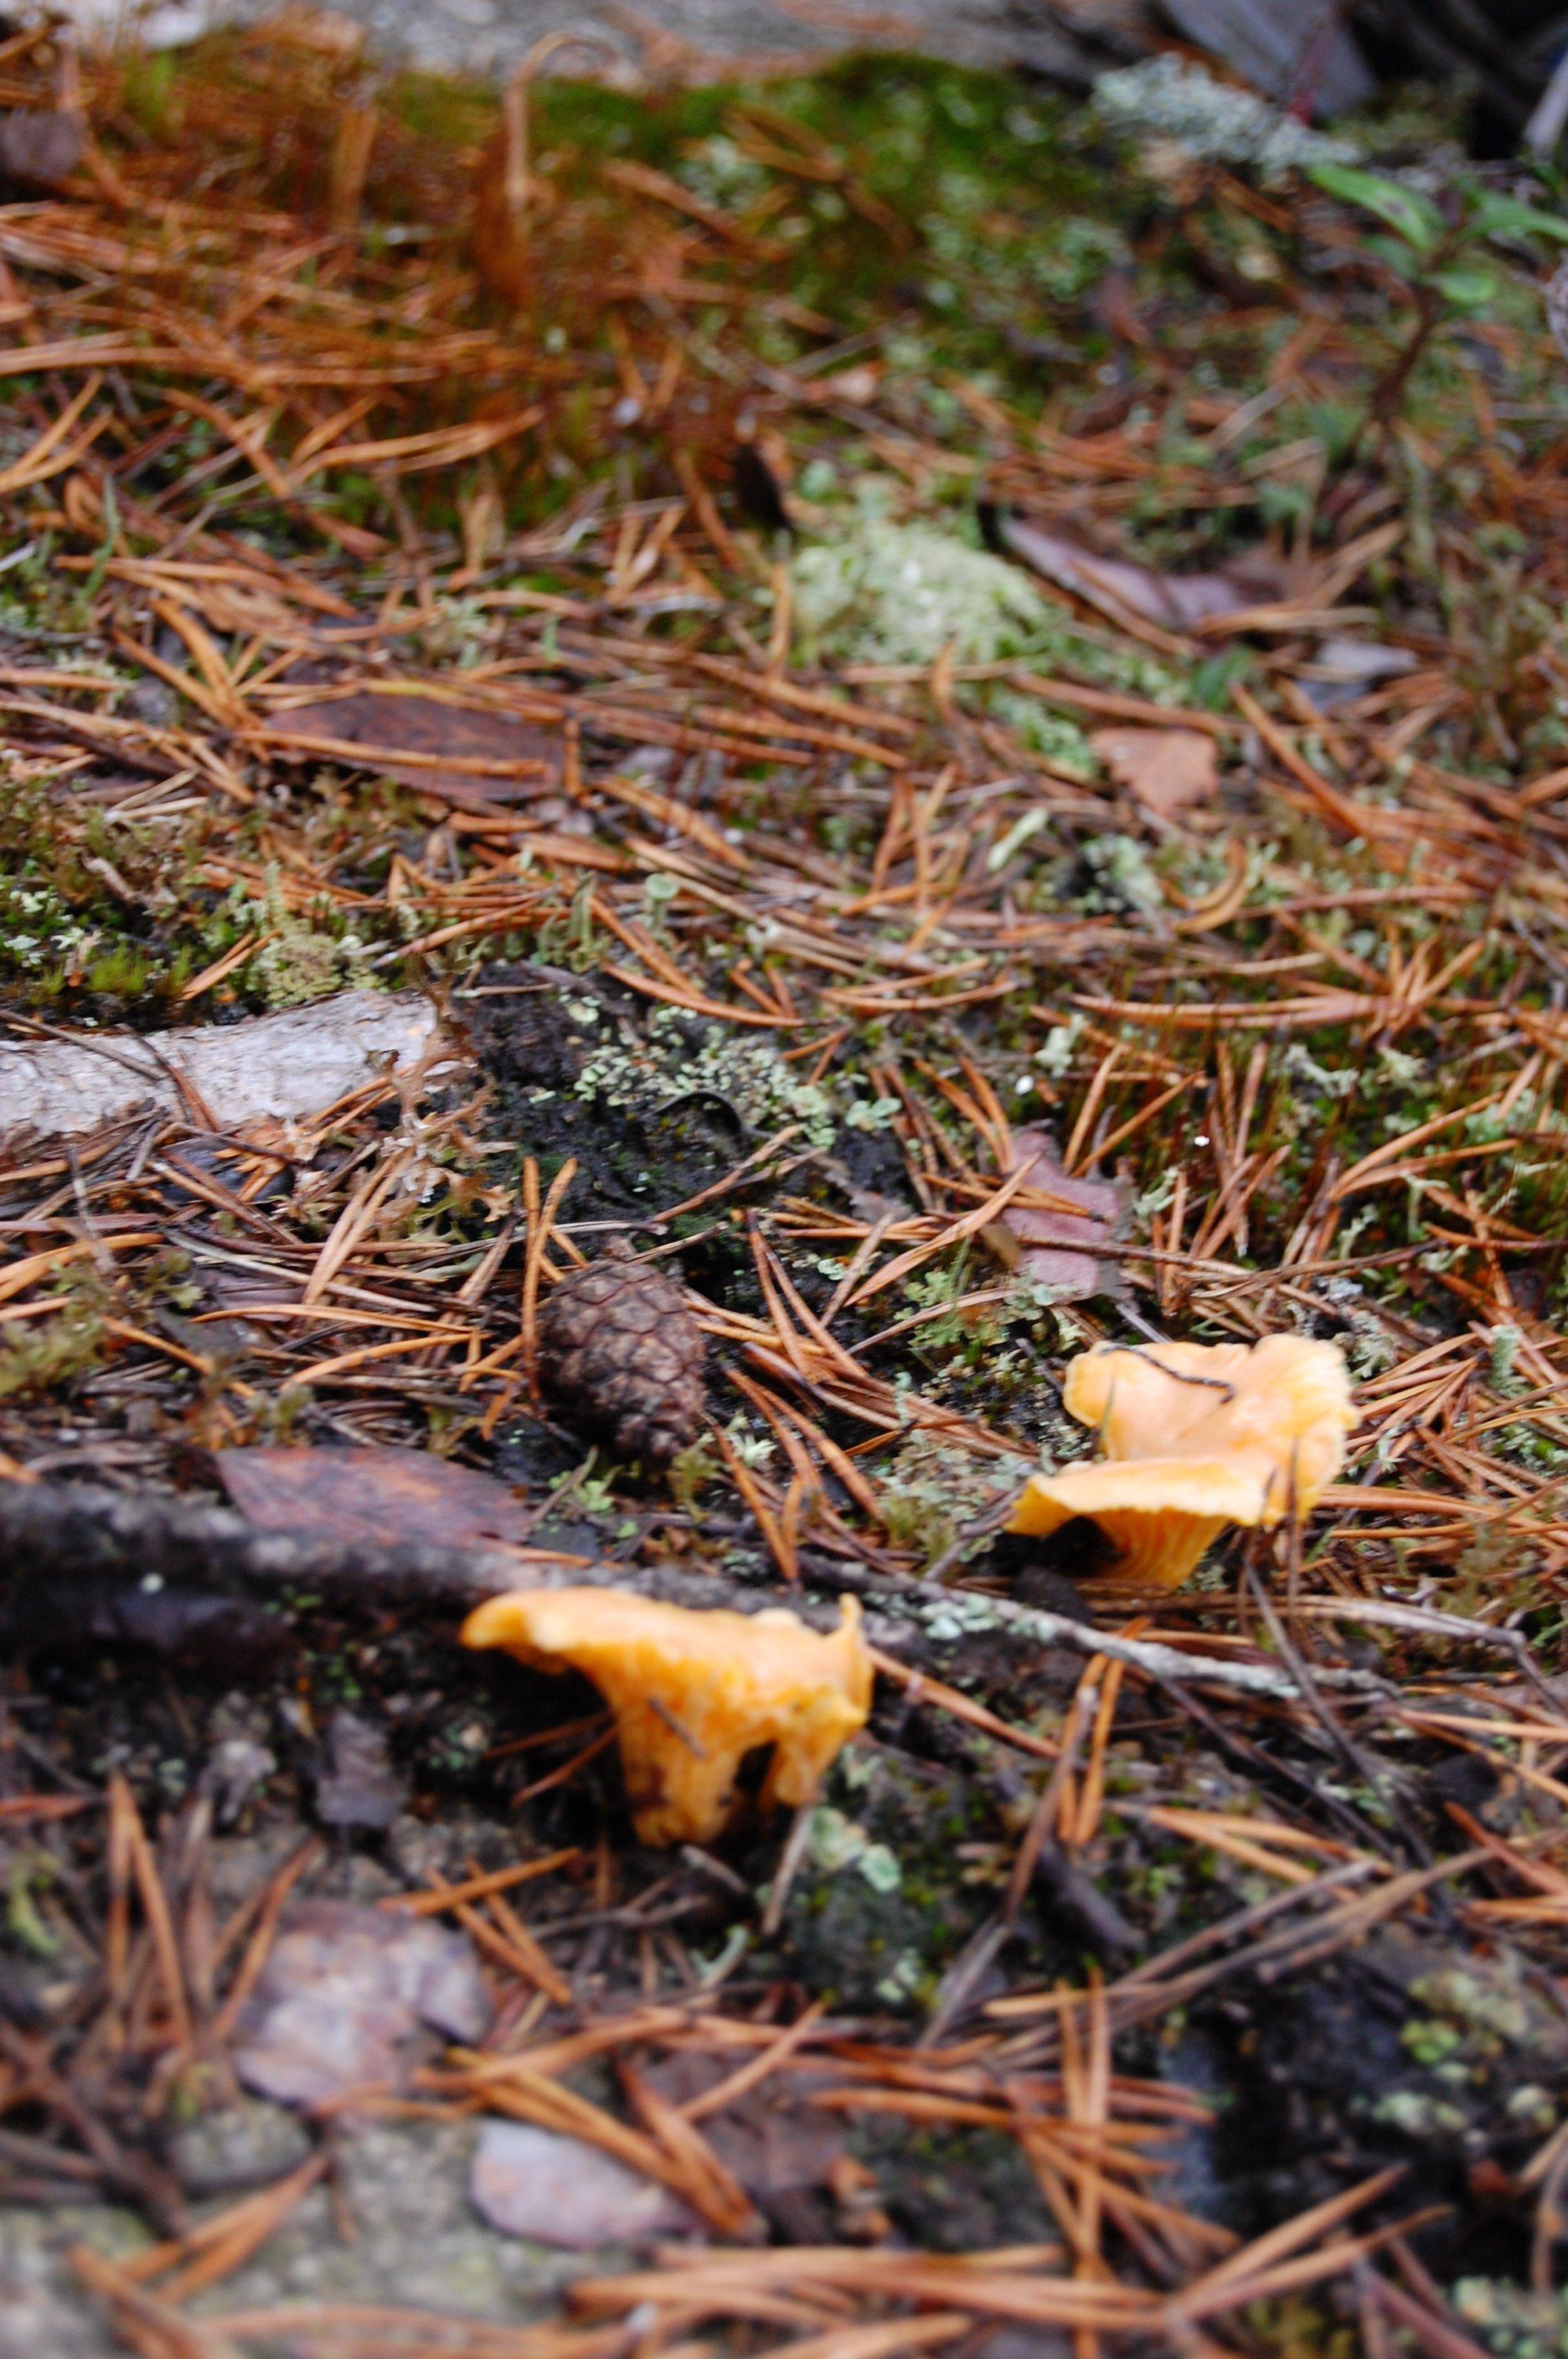 stockholm_hike_mushrooms1